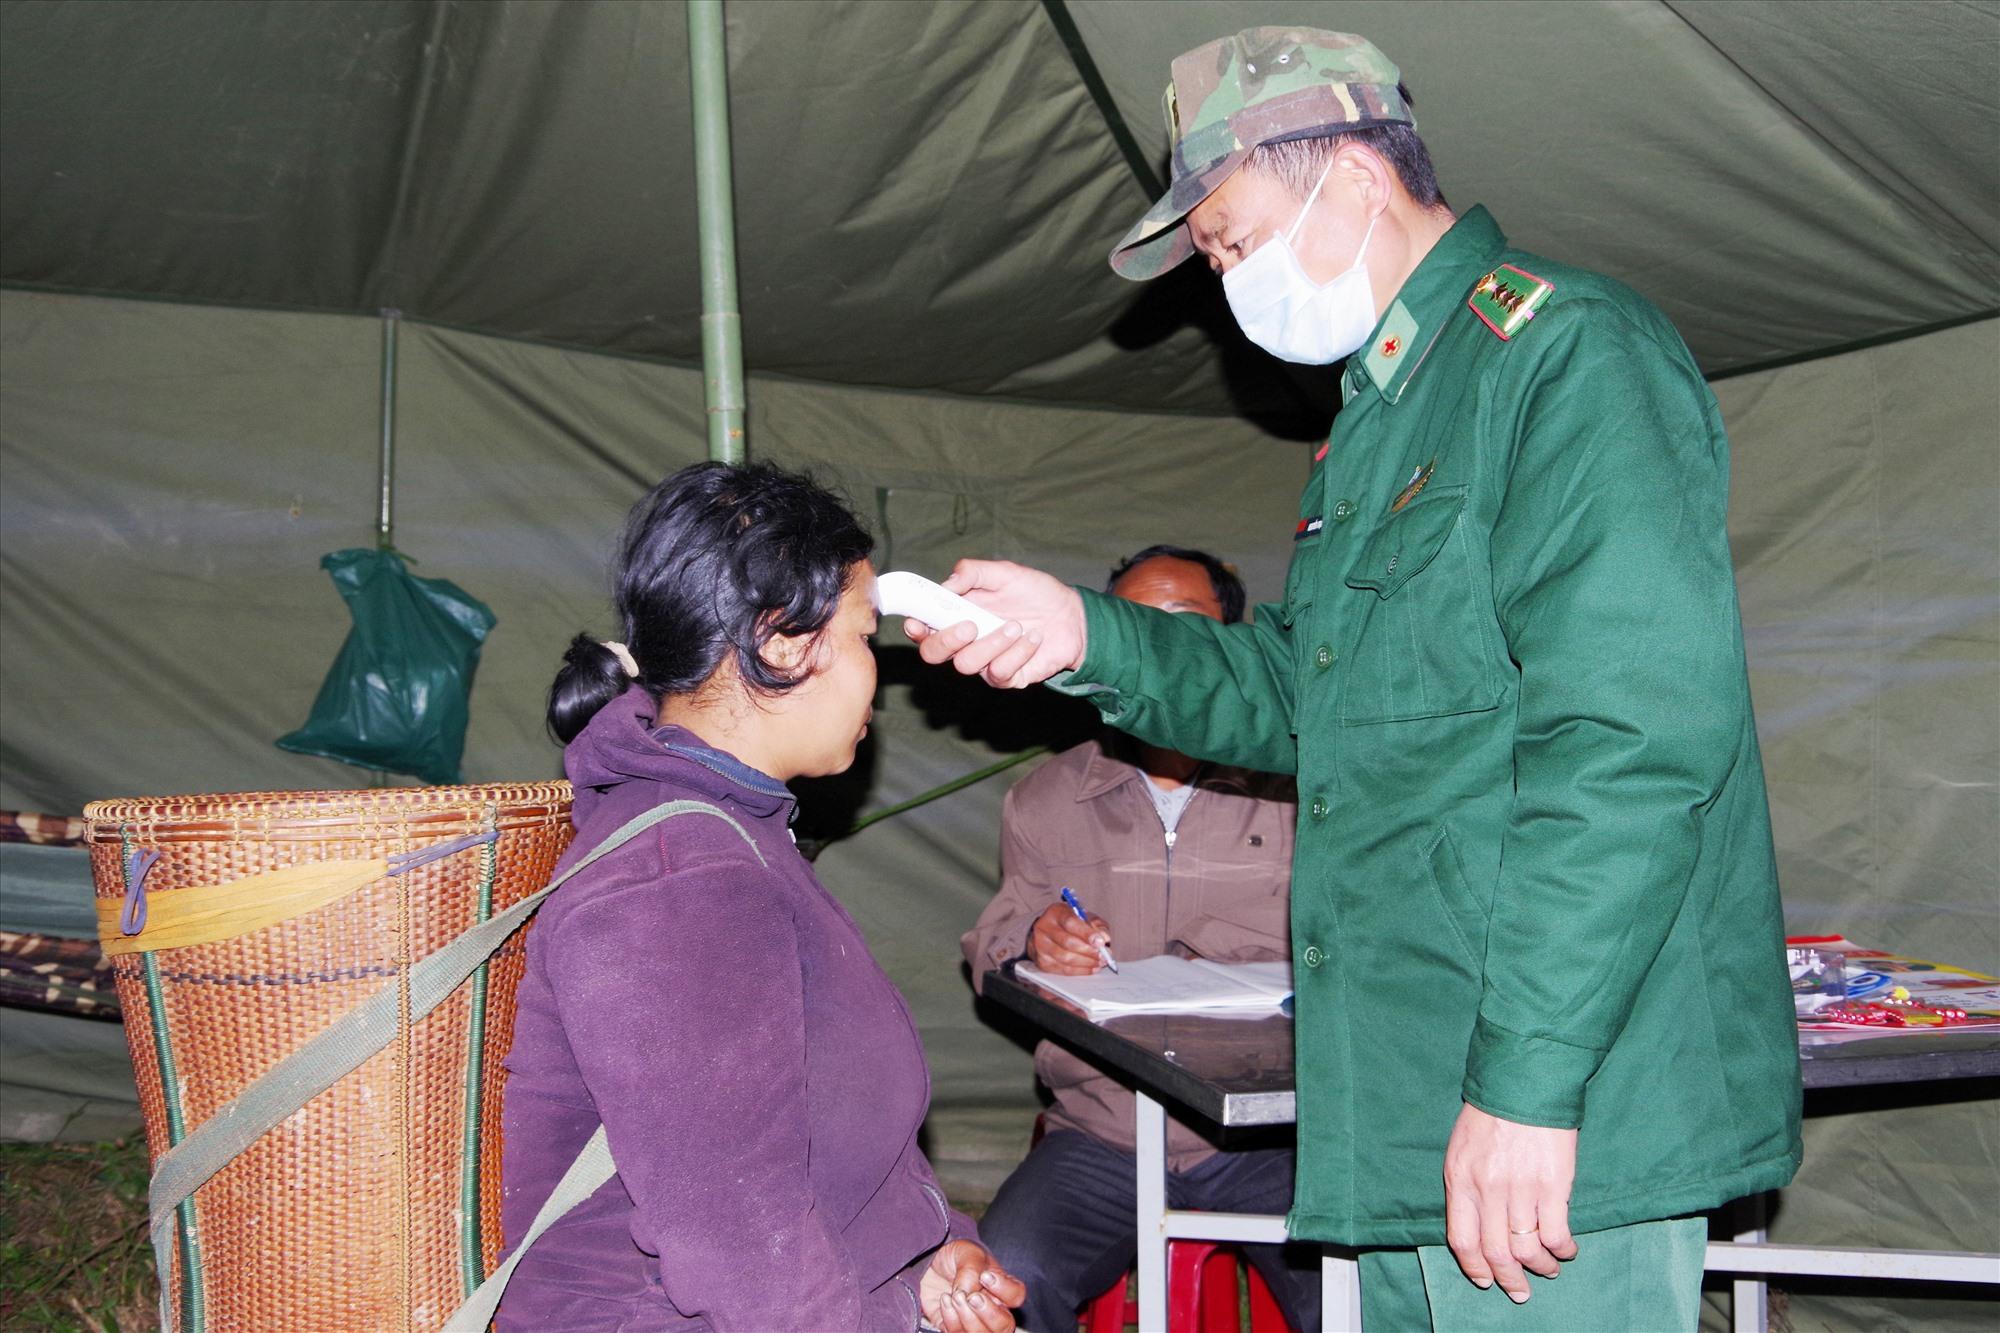 Kiểm tra thân nhiệt người dân khi qua khu vực biên giới